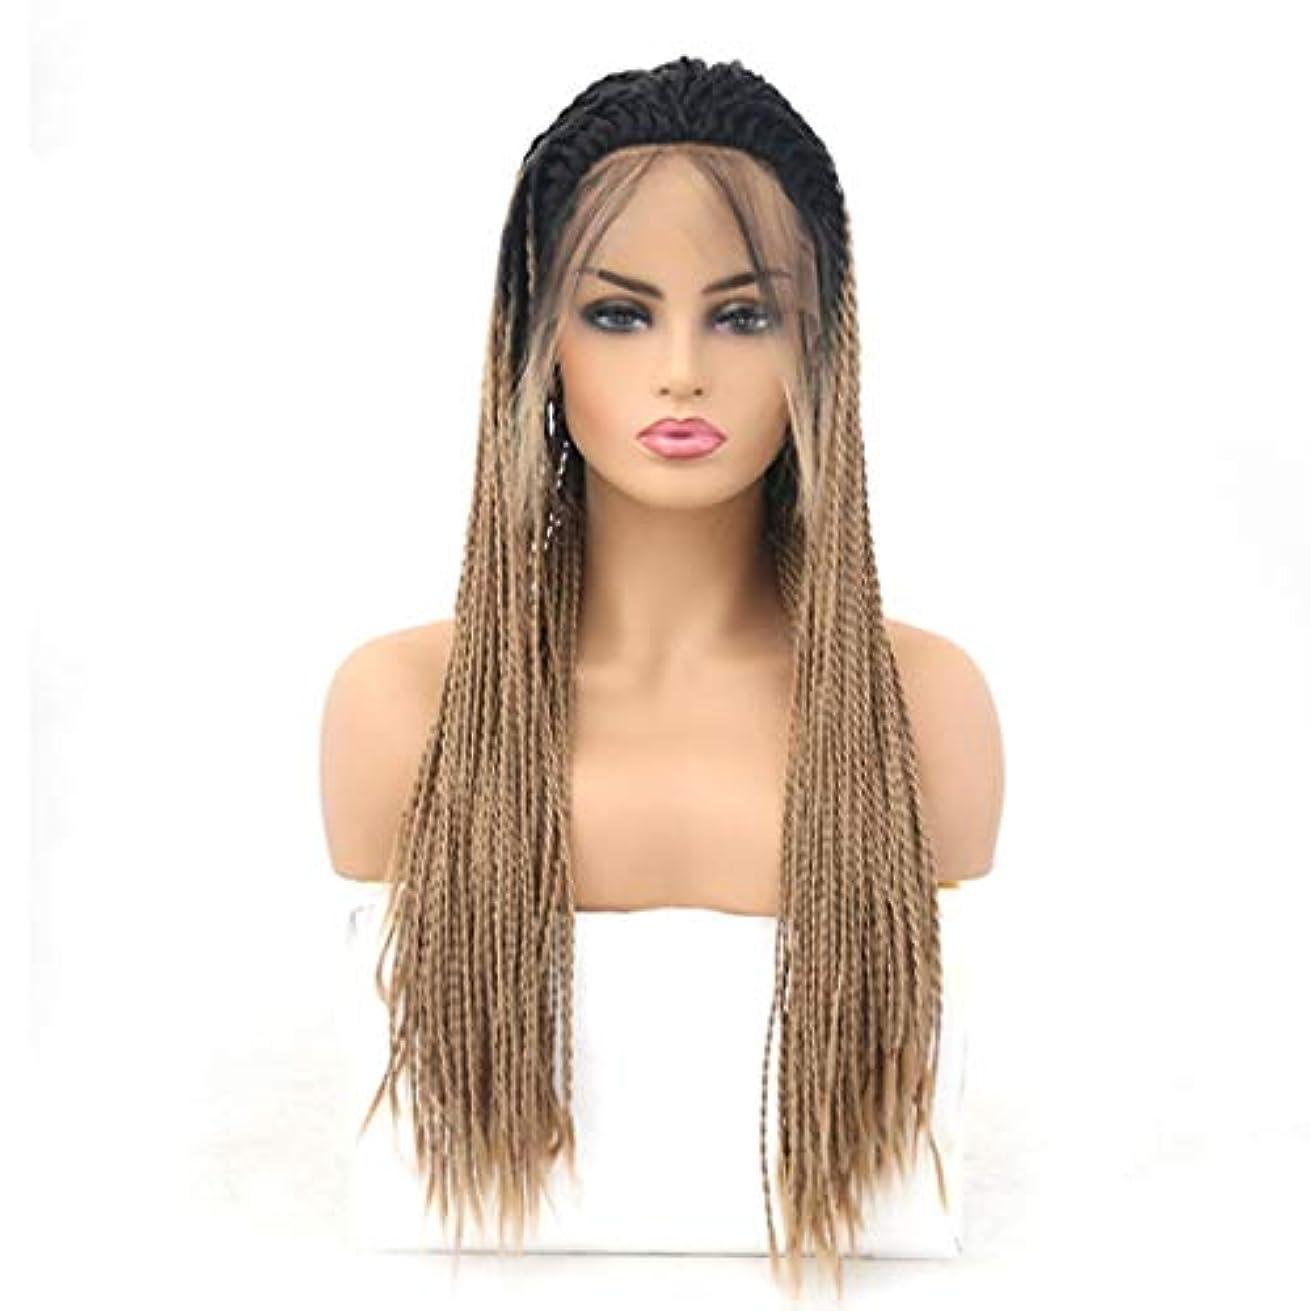 ナット真面目な防止Kerwinner 女性のための前髪の毛髪のかつらとフロントレースグラデーションかつら耐熱合成かつら (Size : 26 inches)